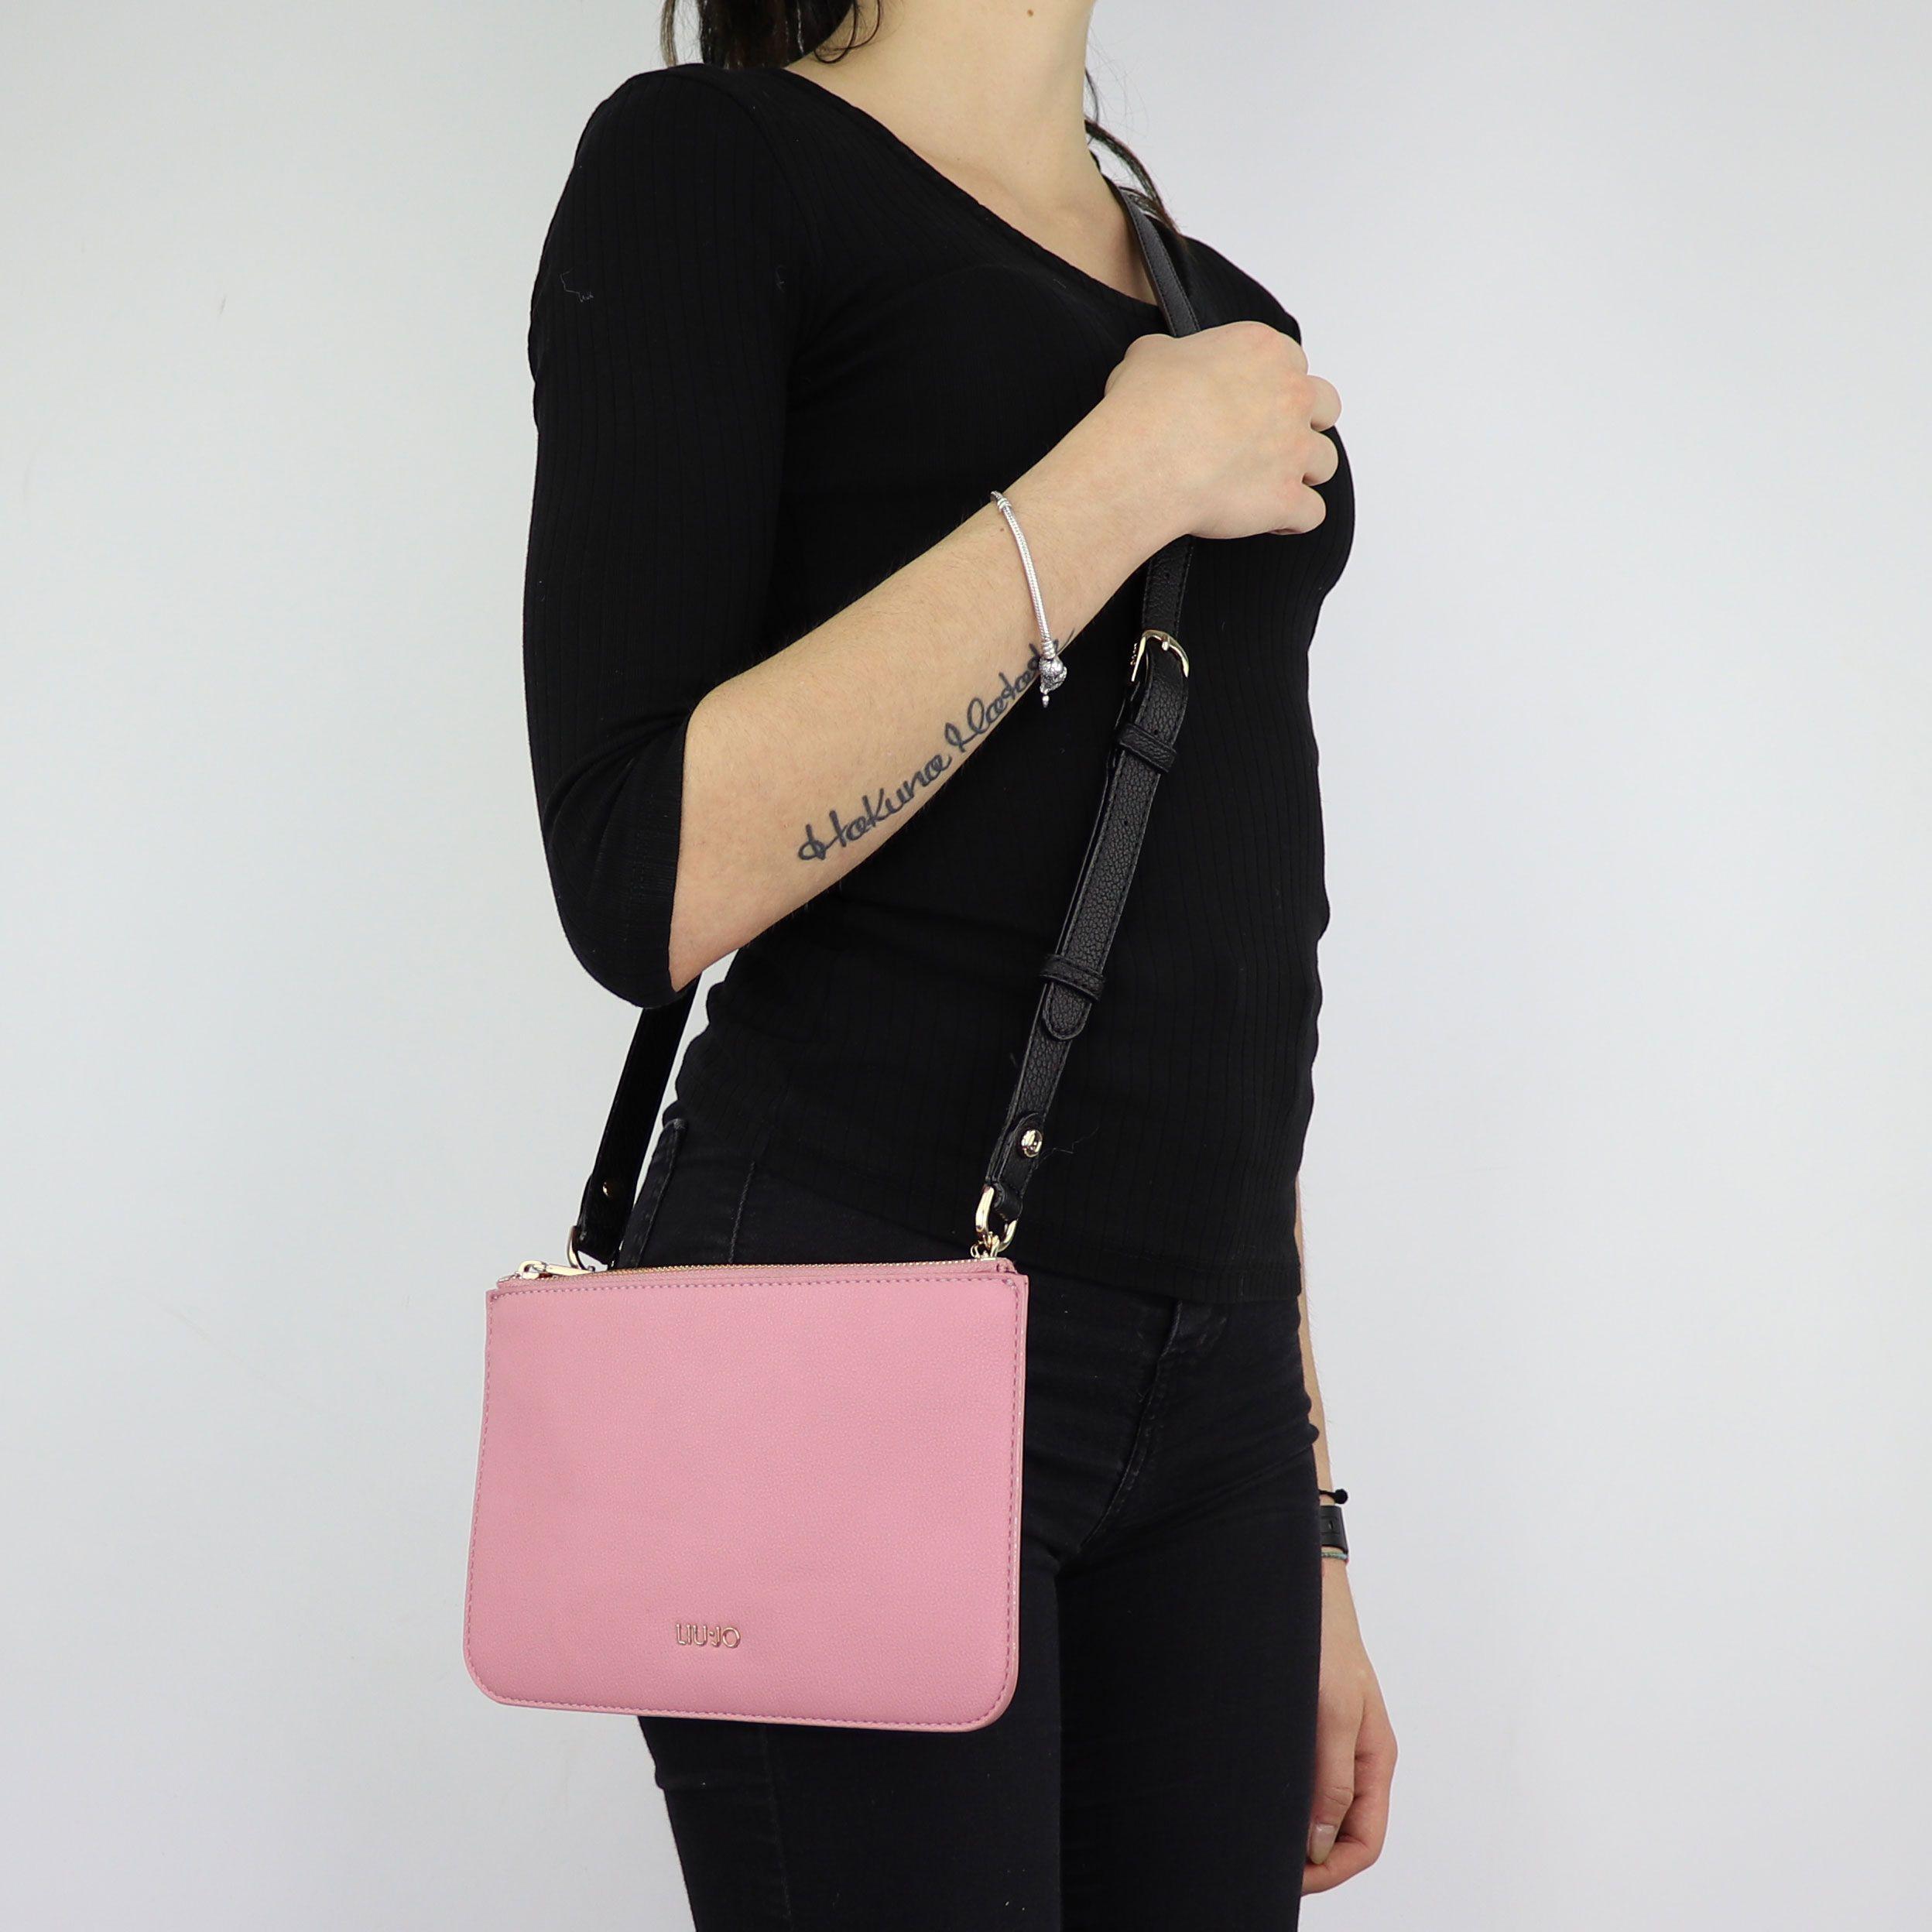 rico y magnífico patrones de moda más de moda Borsa Liu Jo mano-Catedral N68021 E0061 - In More Est Store